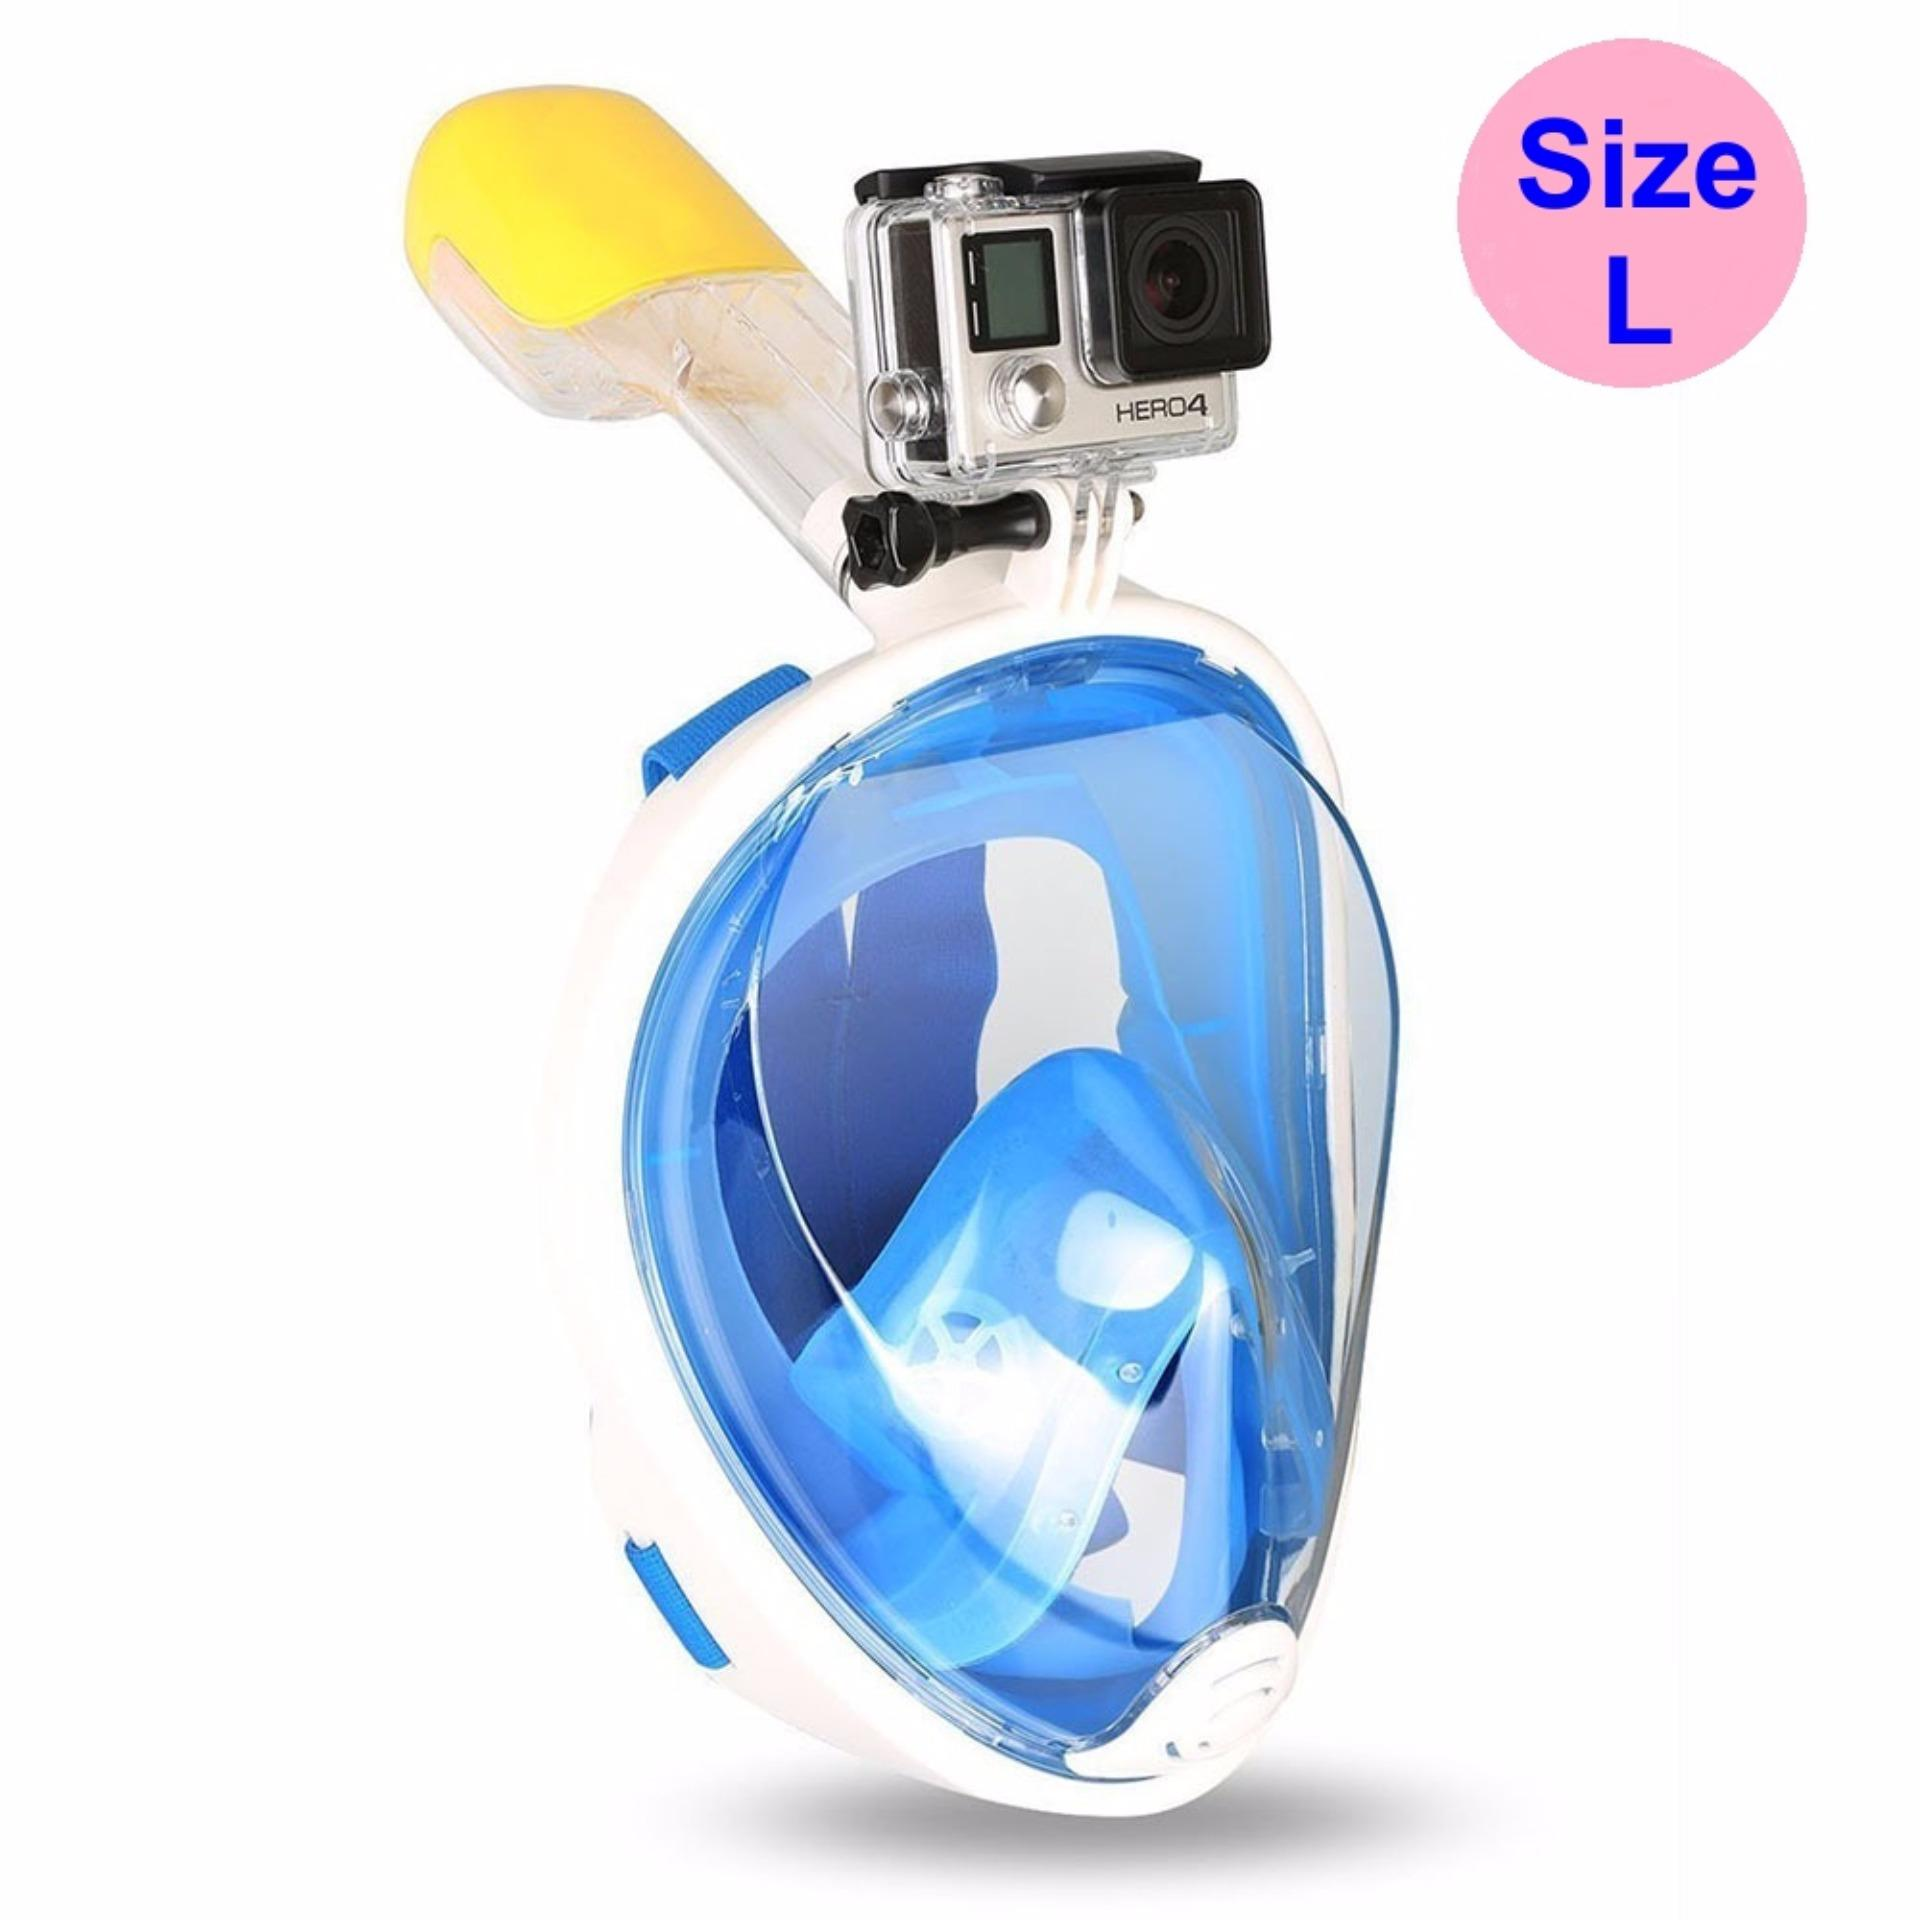 Mặt nạ lặn Full Face Size L gắn được GOPRO, SJCAM tầm nhìn 180 độ, Ống thở gắn liền ngăn nước – POPO Sports